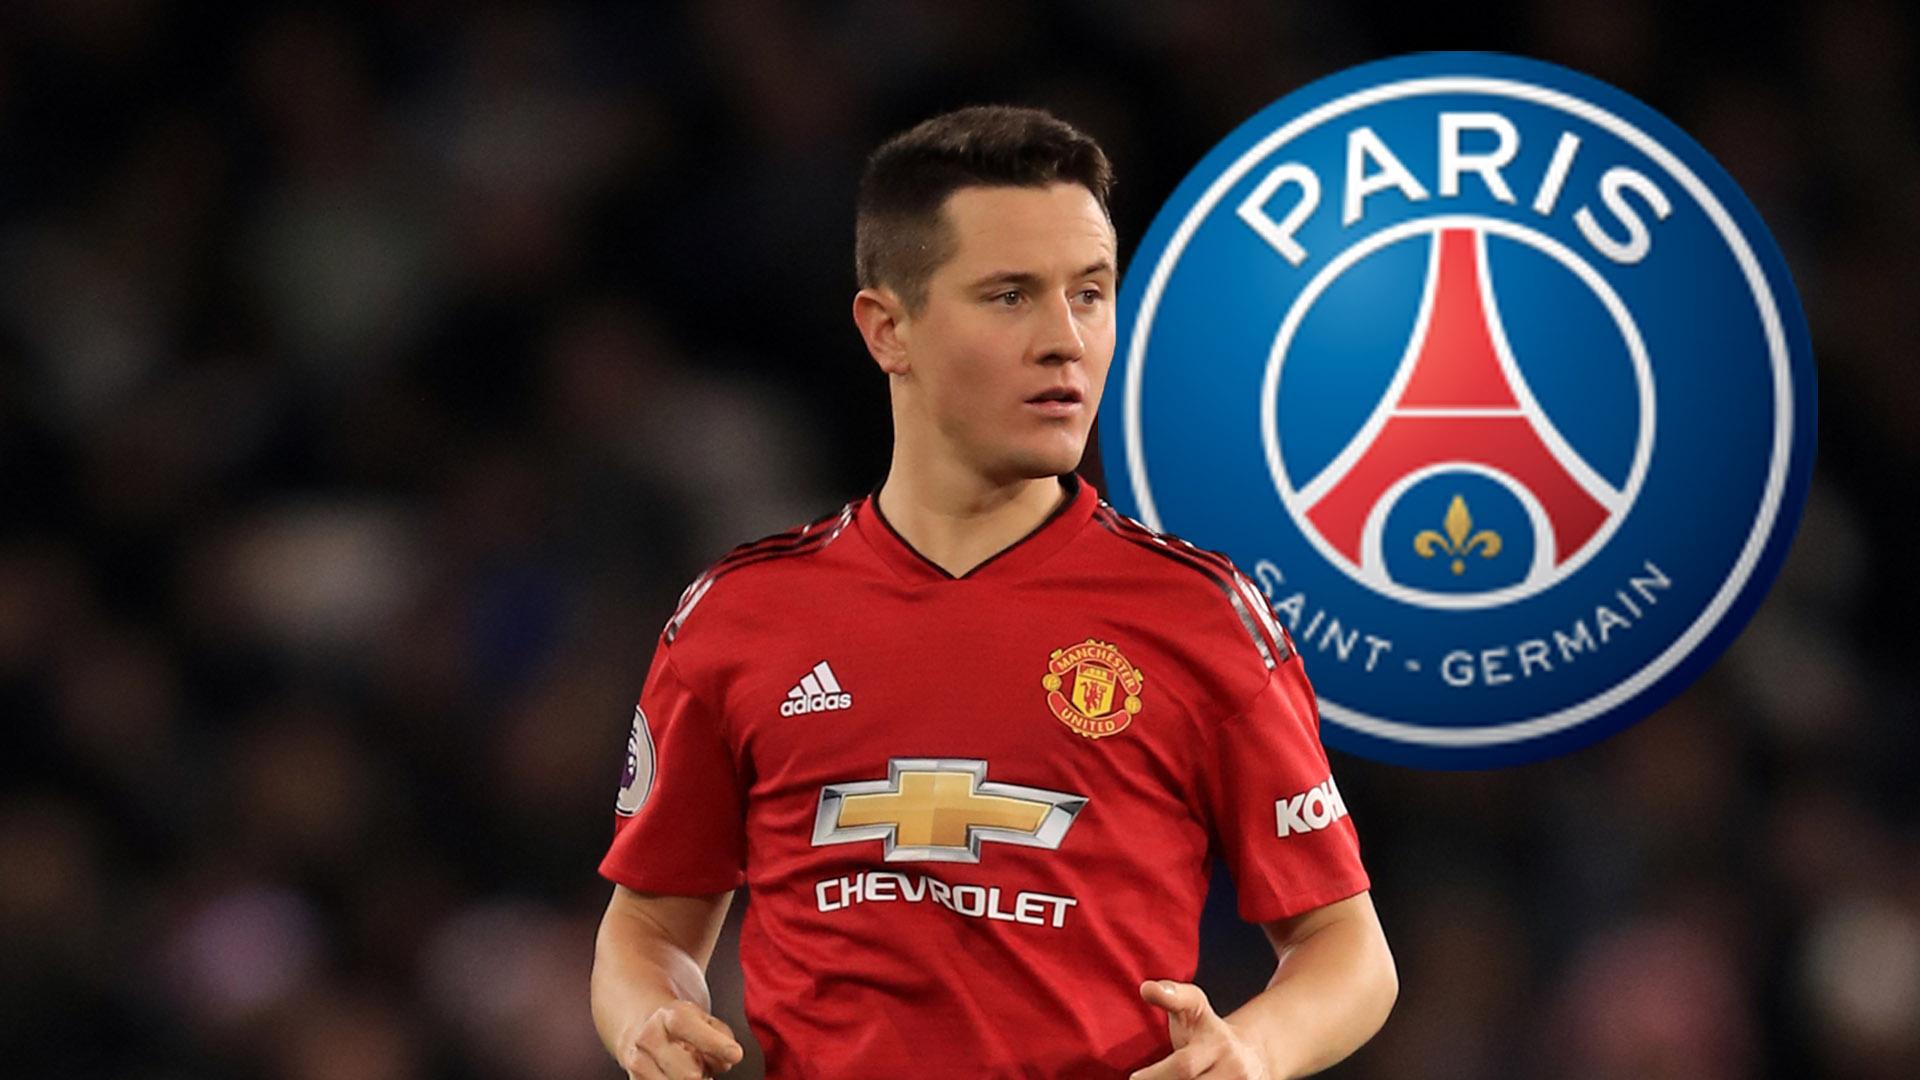 OFFICIEL - Ander Herrera est un joueur du Paris Saint-Germain